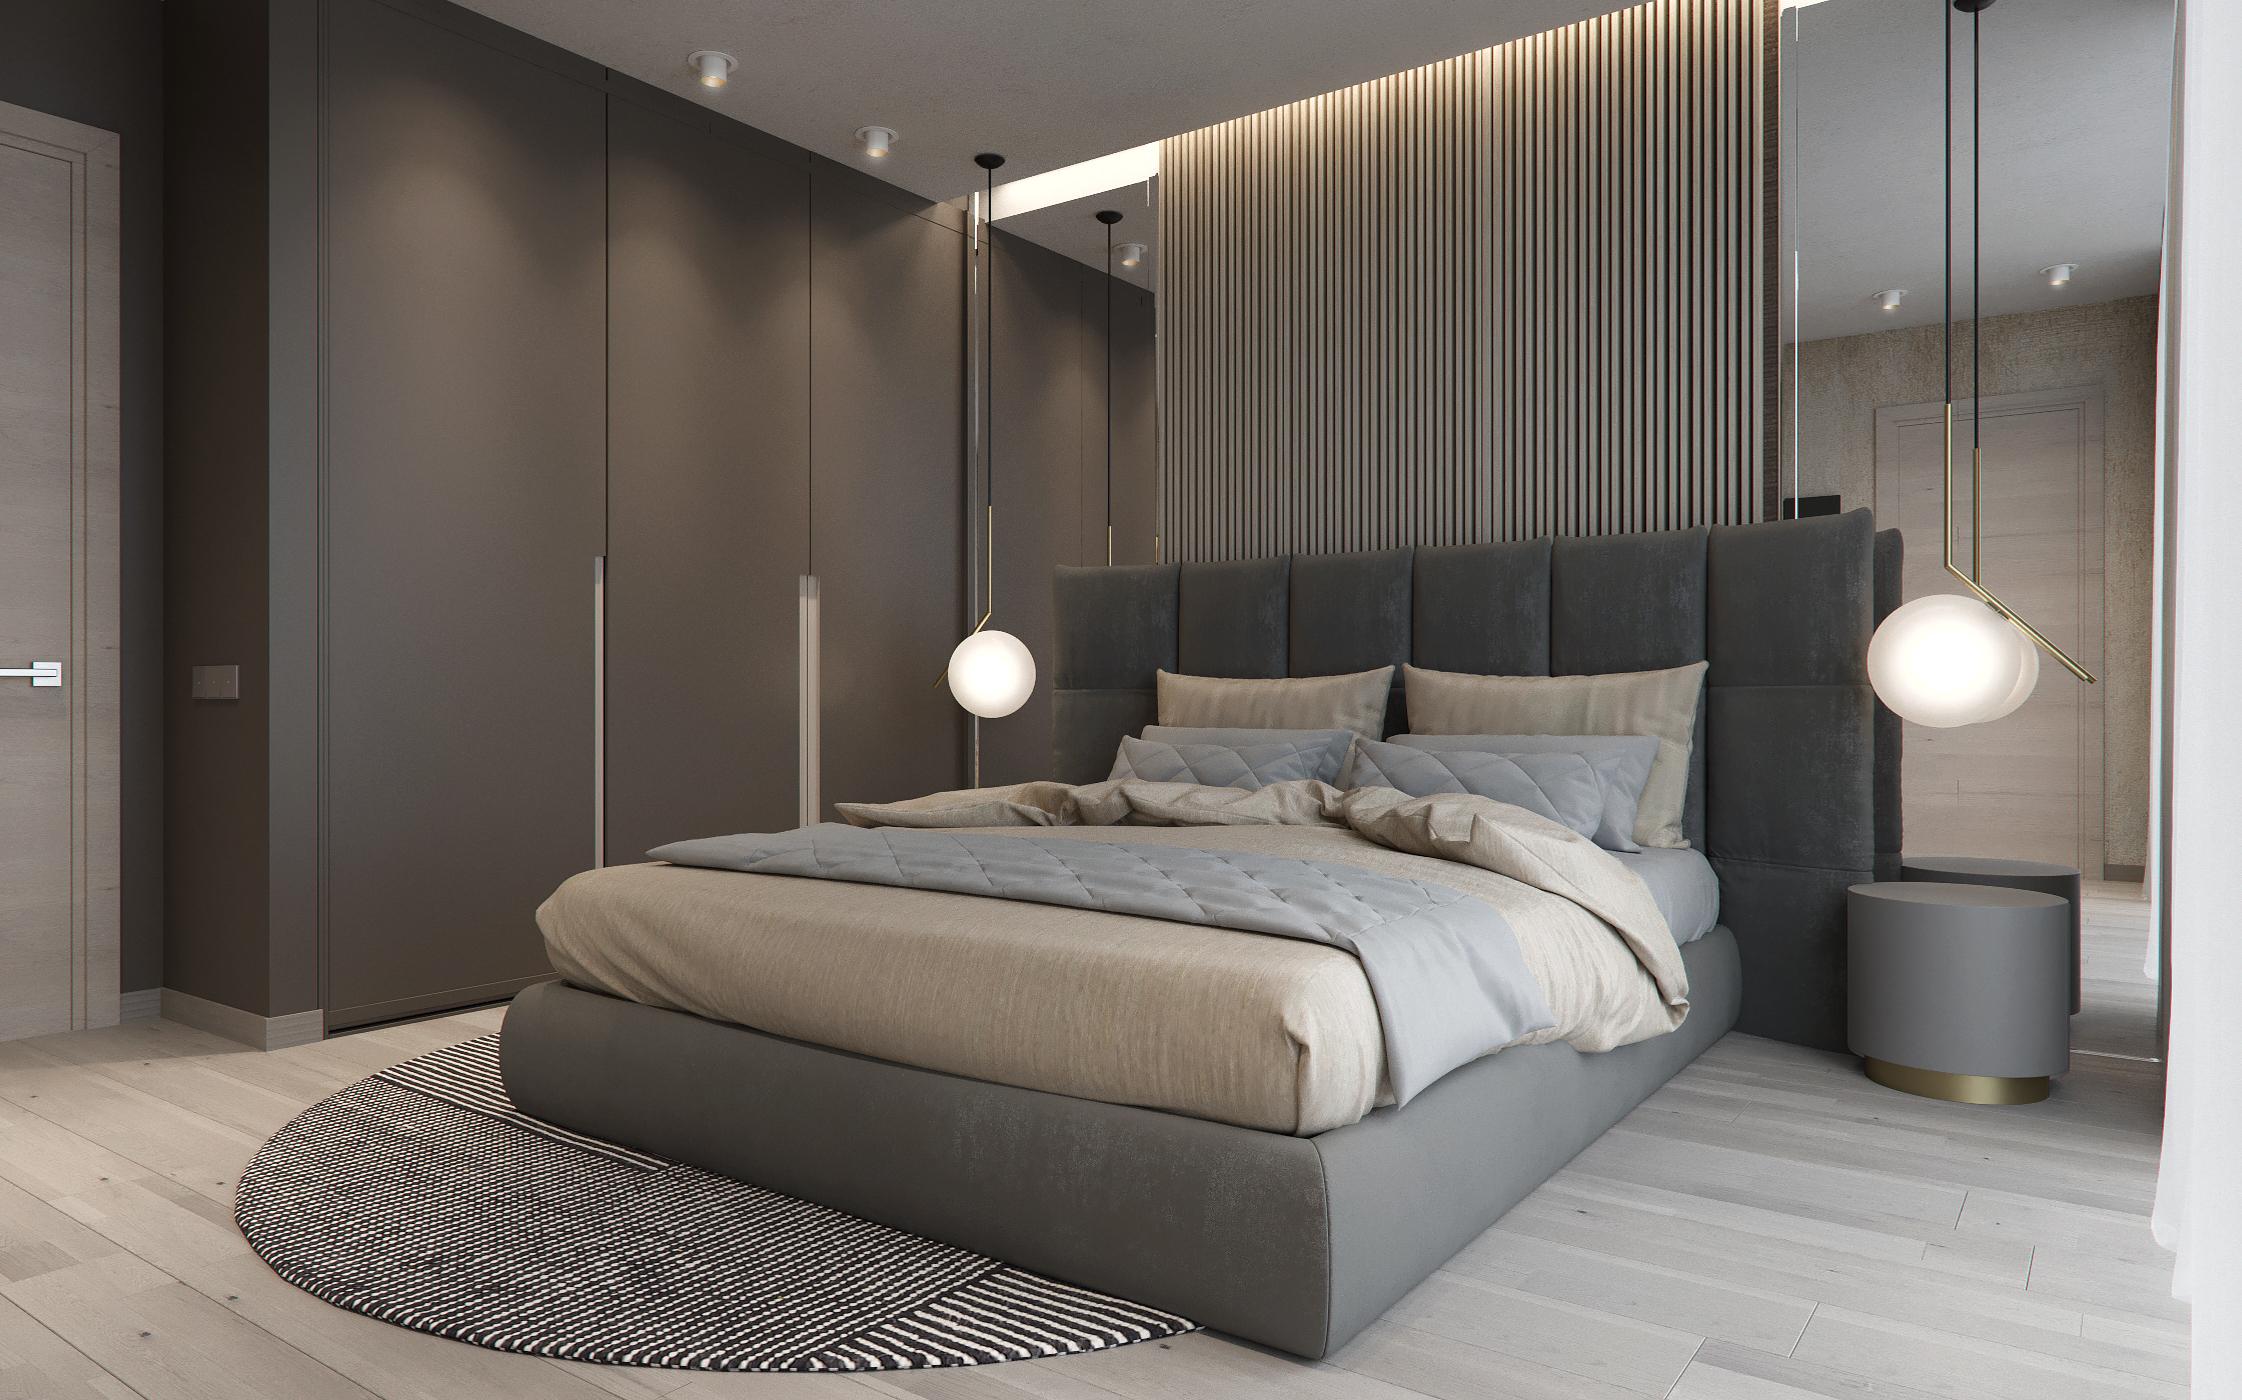 Modern Bedroom Interior Design Pindevin Demond On Zenpuristmoderninteriorsarchitecture